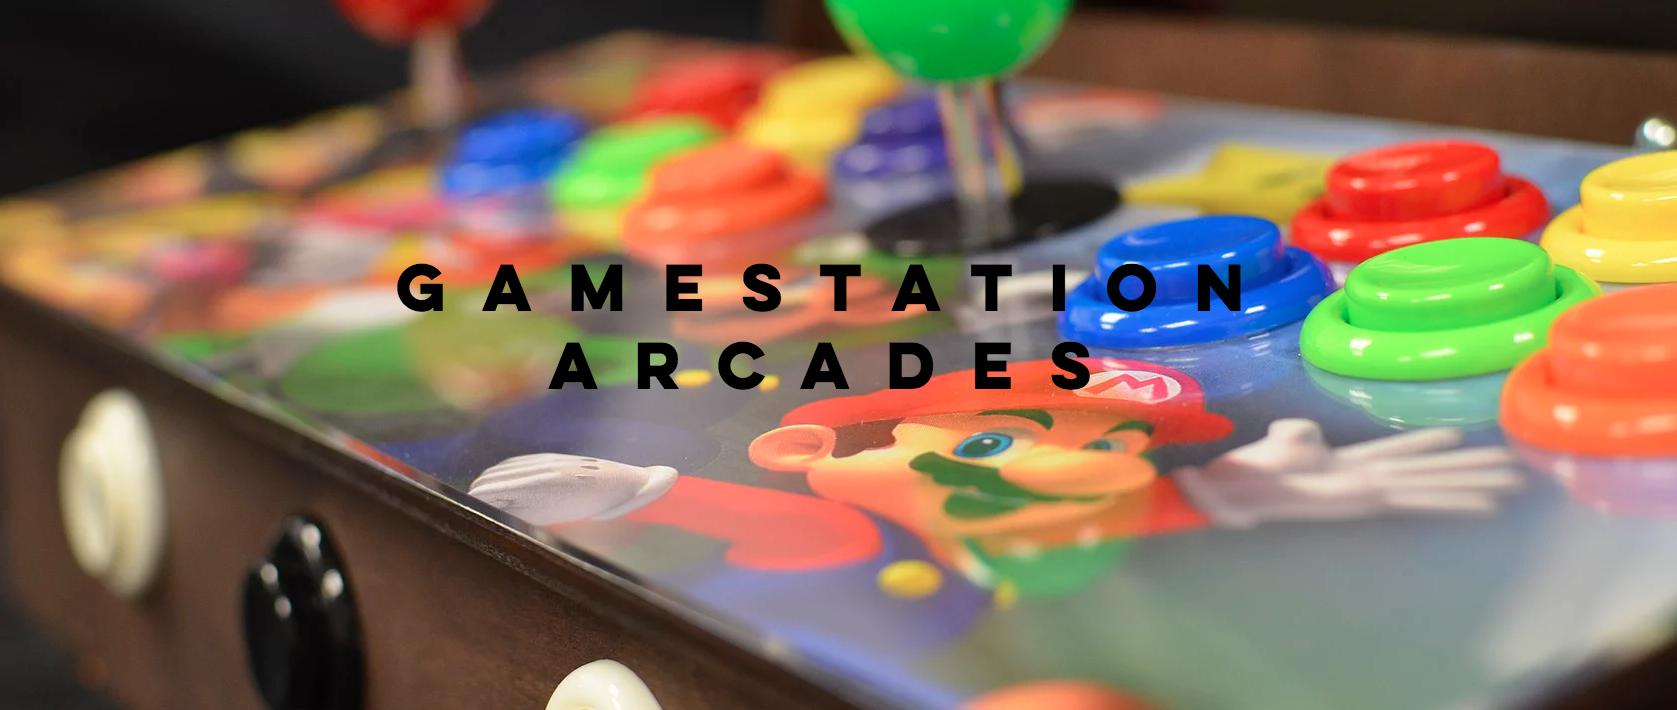 GameStation Arcades